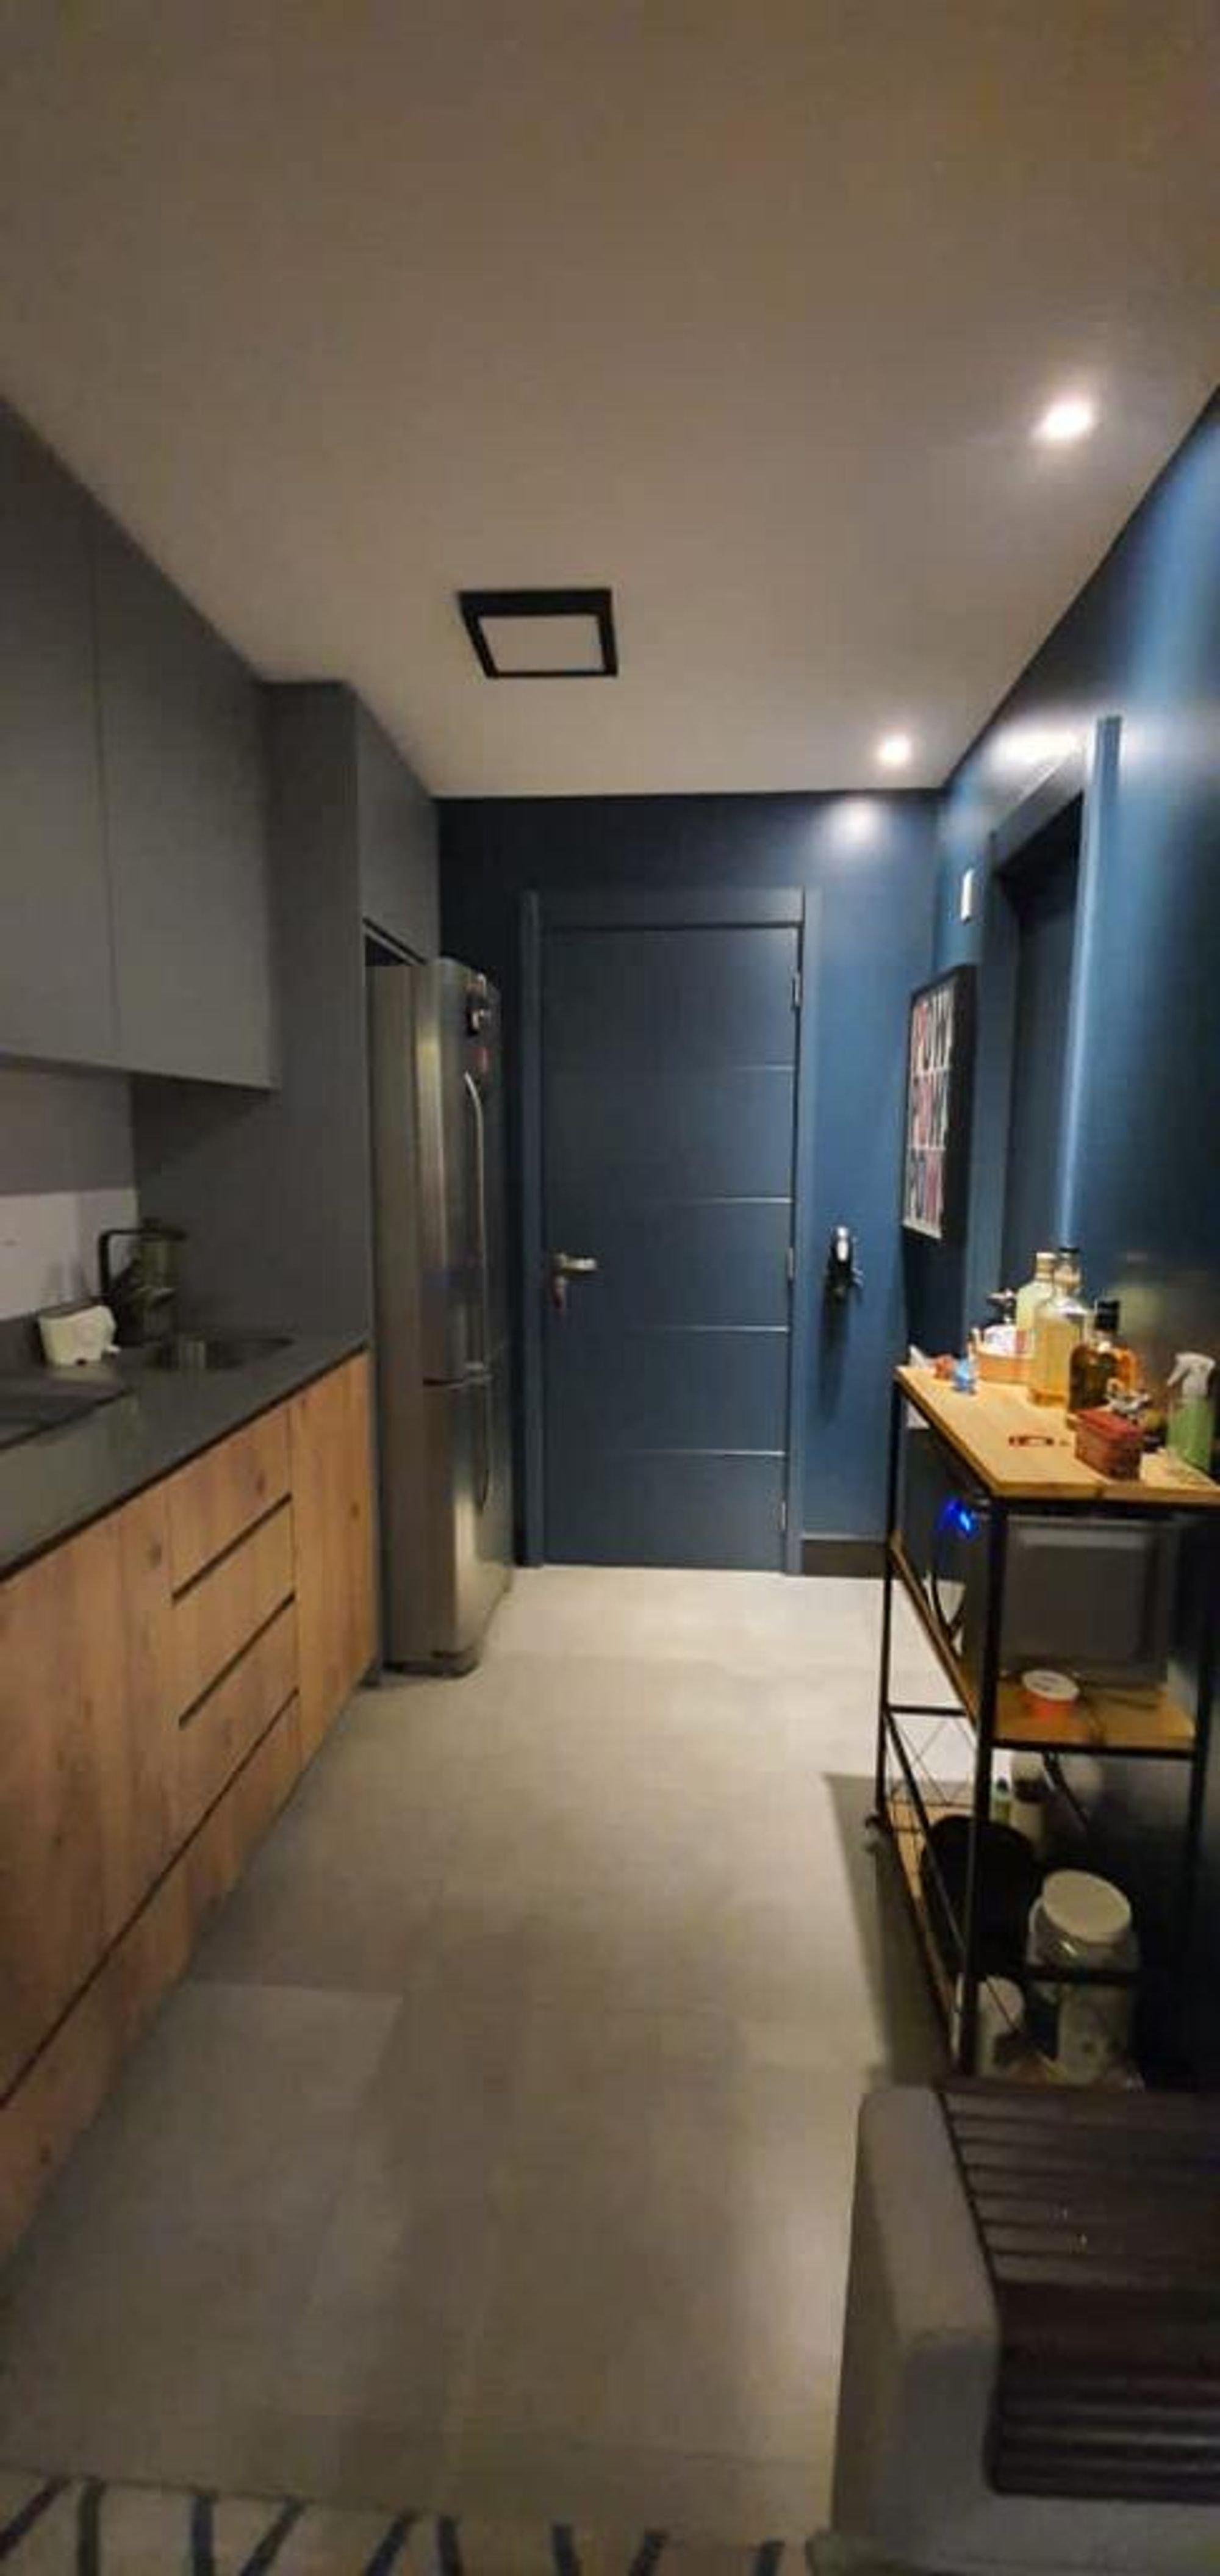 Nesta foto há geladeira